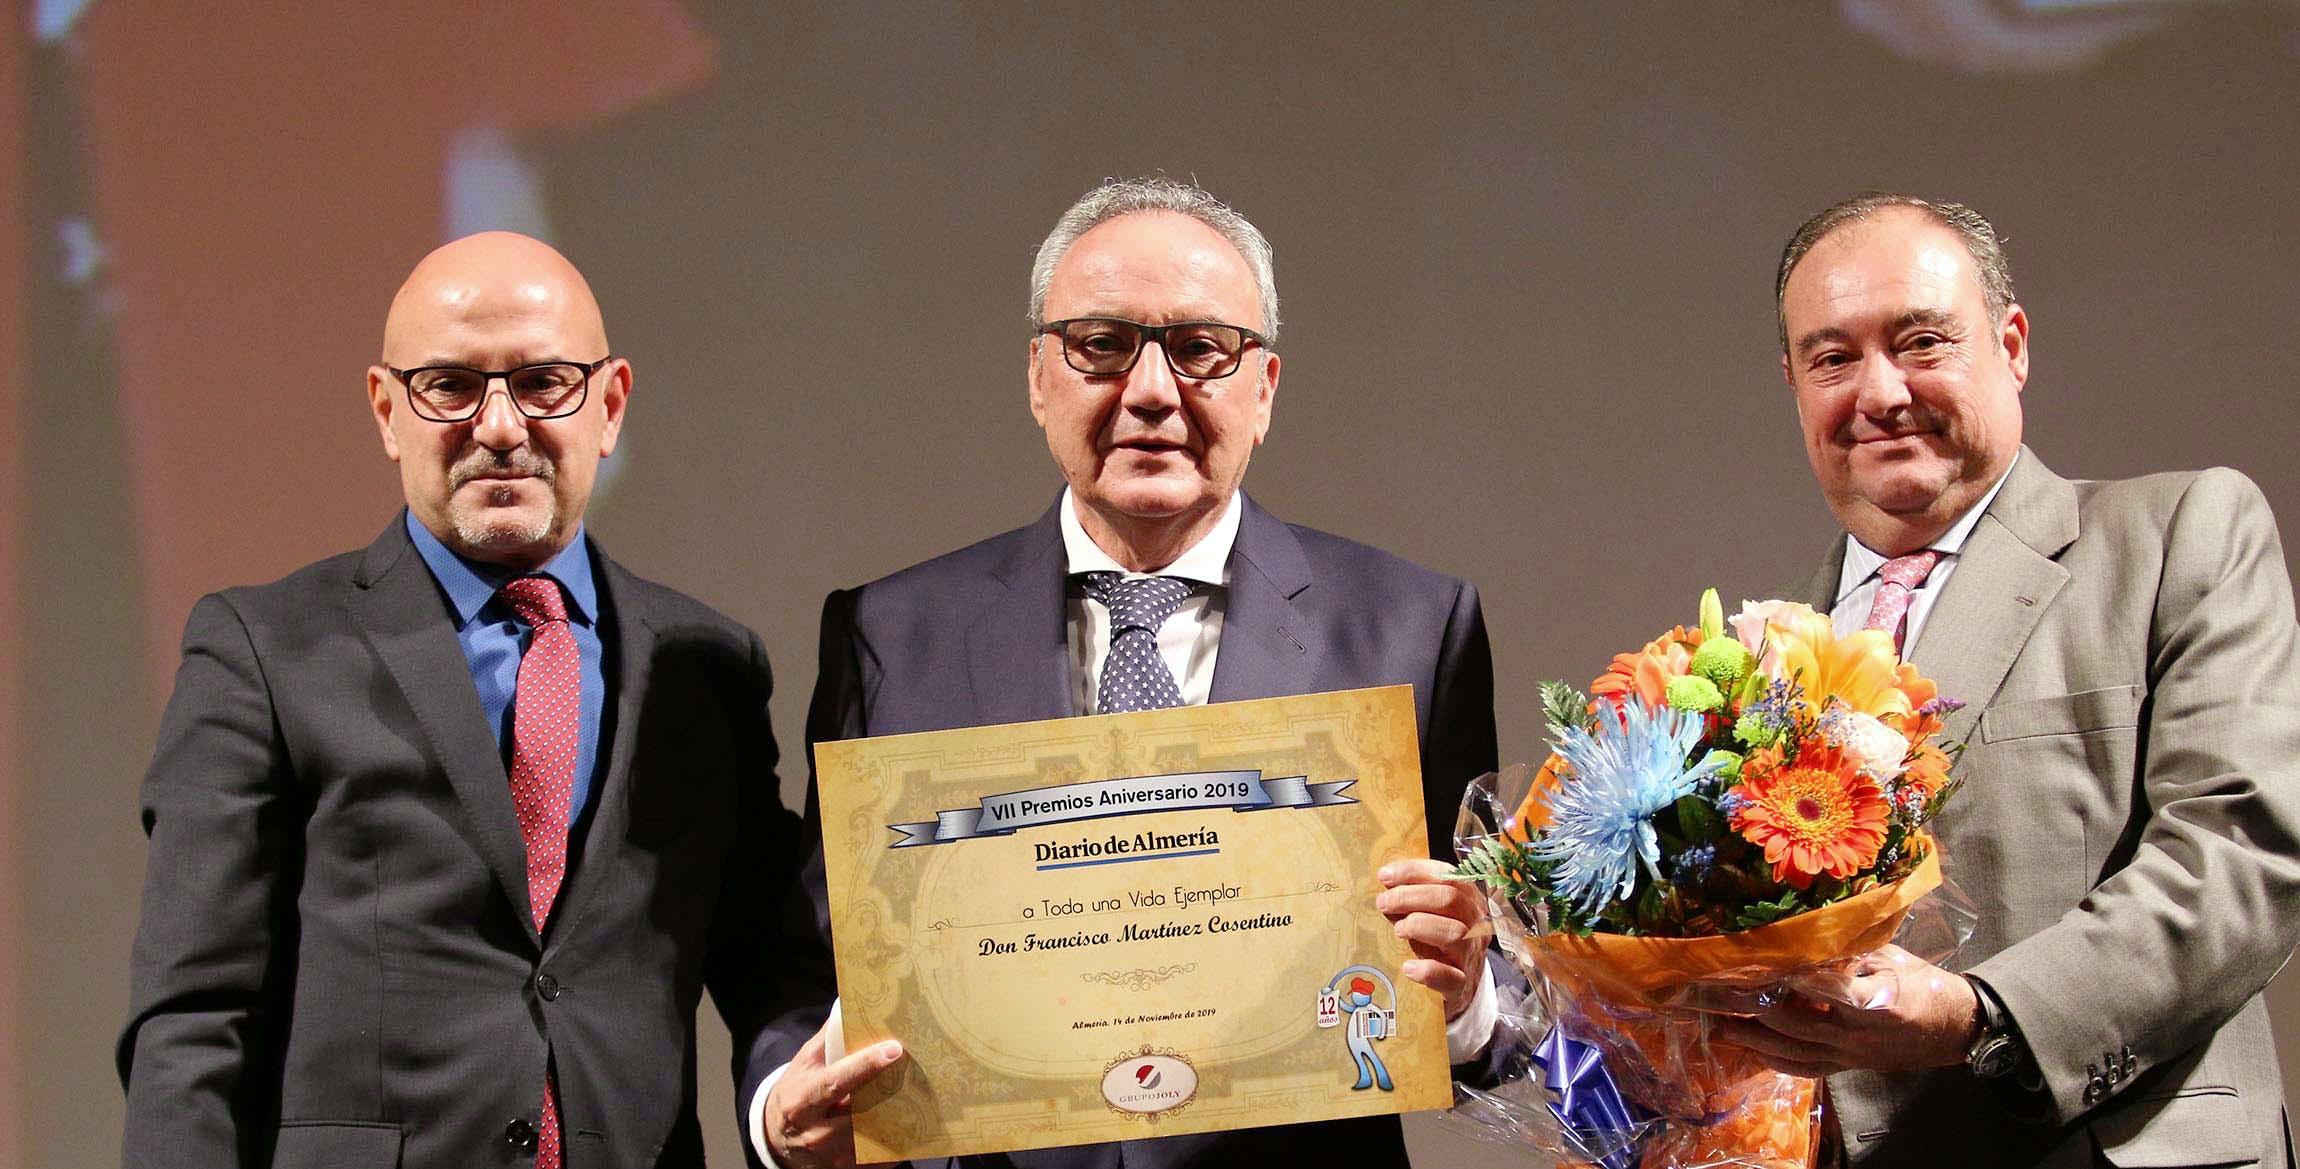 Image of cosentino3 portada in Francisco Martinez-Cosentino Justo recognized with Diario de Almeria 2019 Award - Cosentino